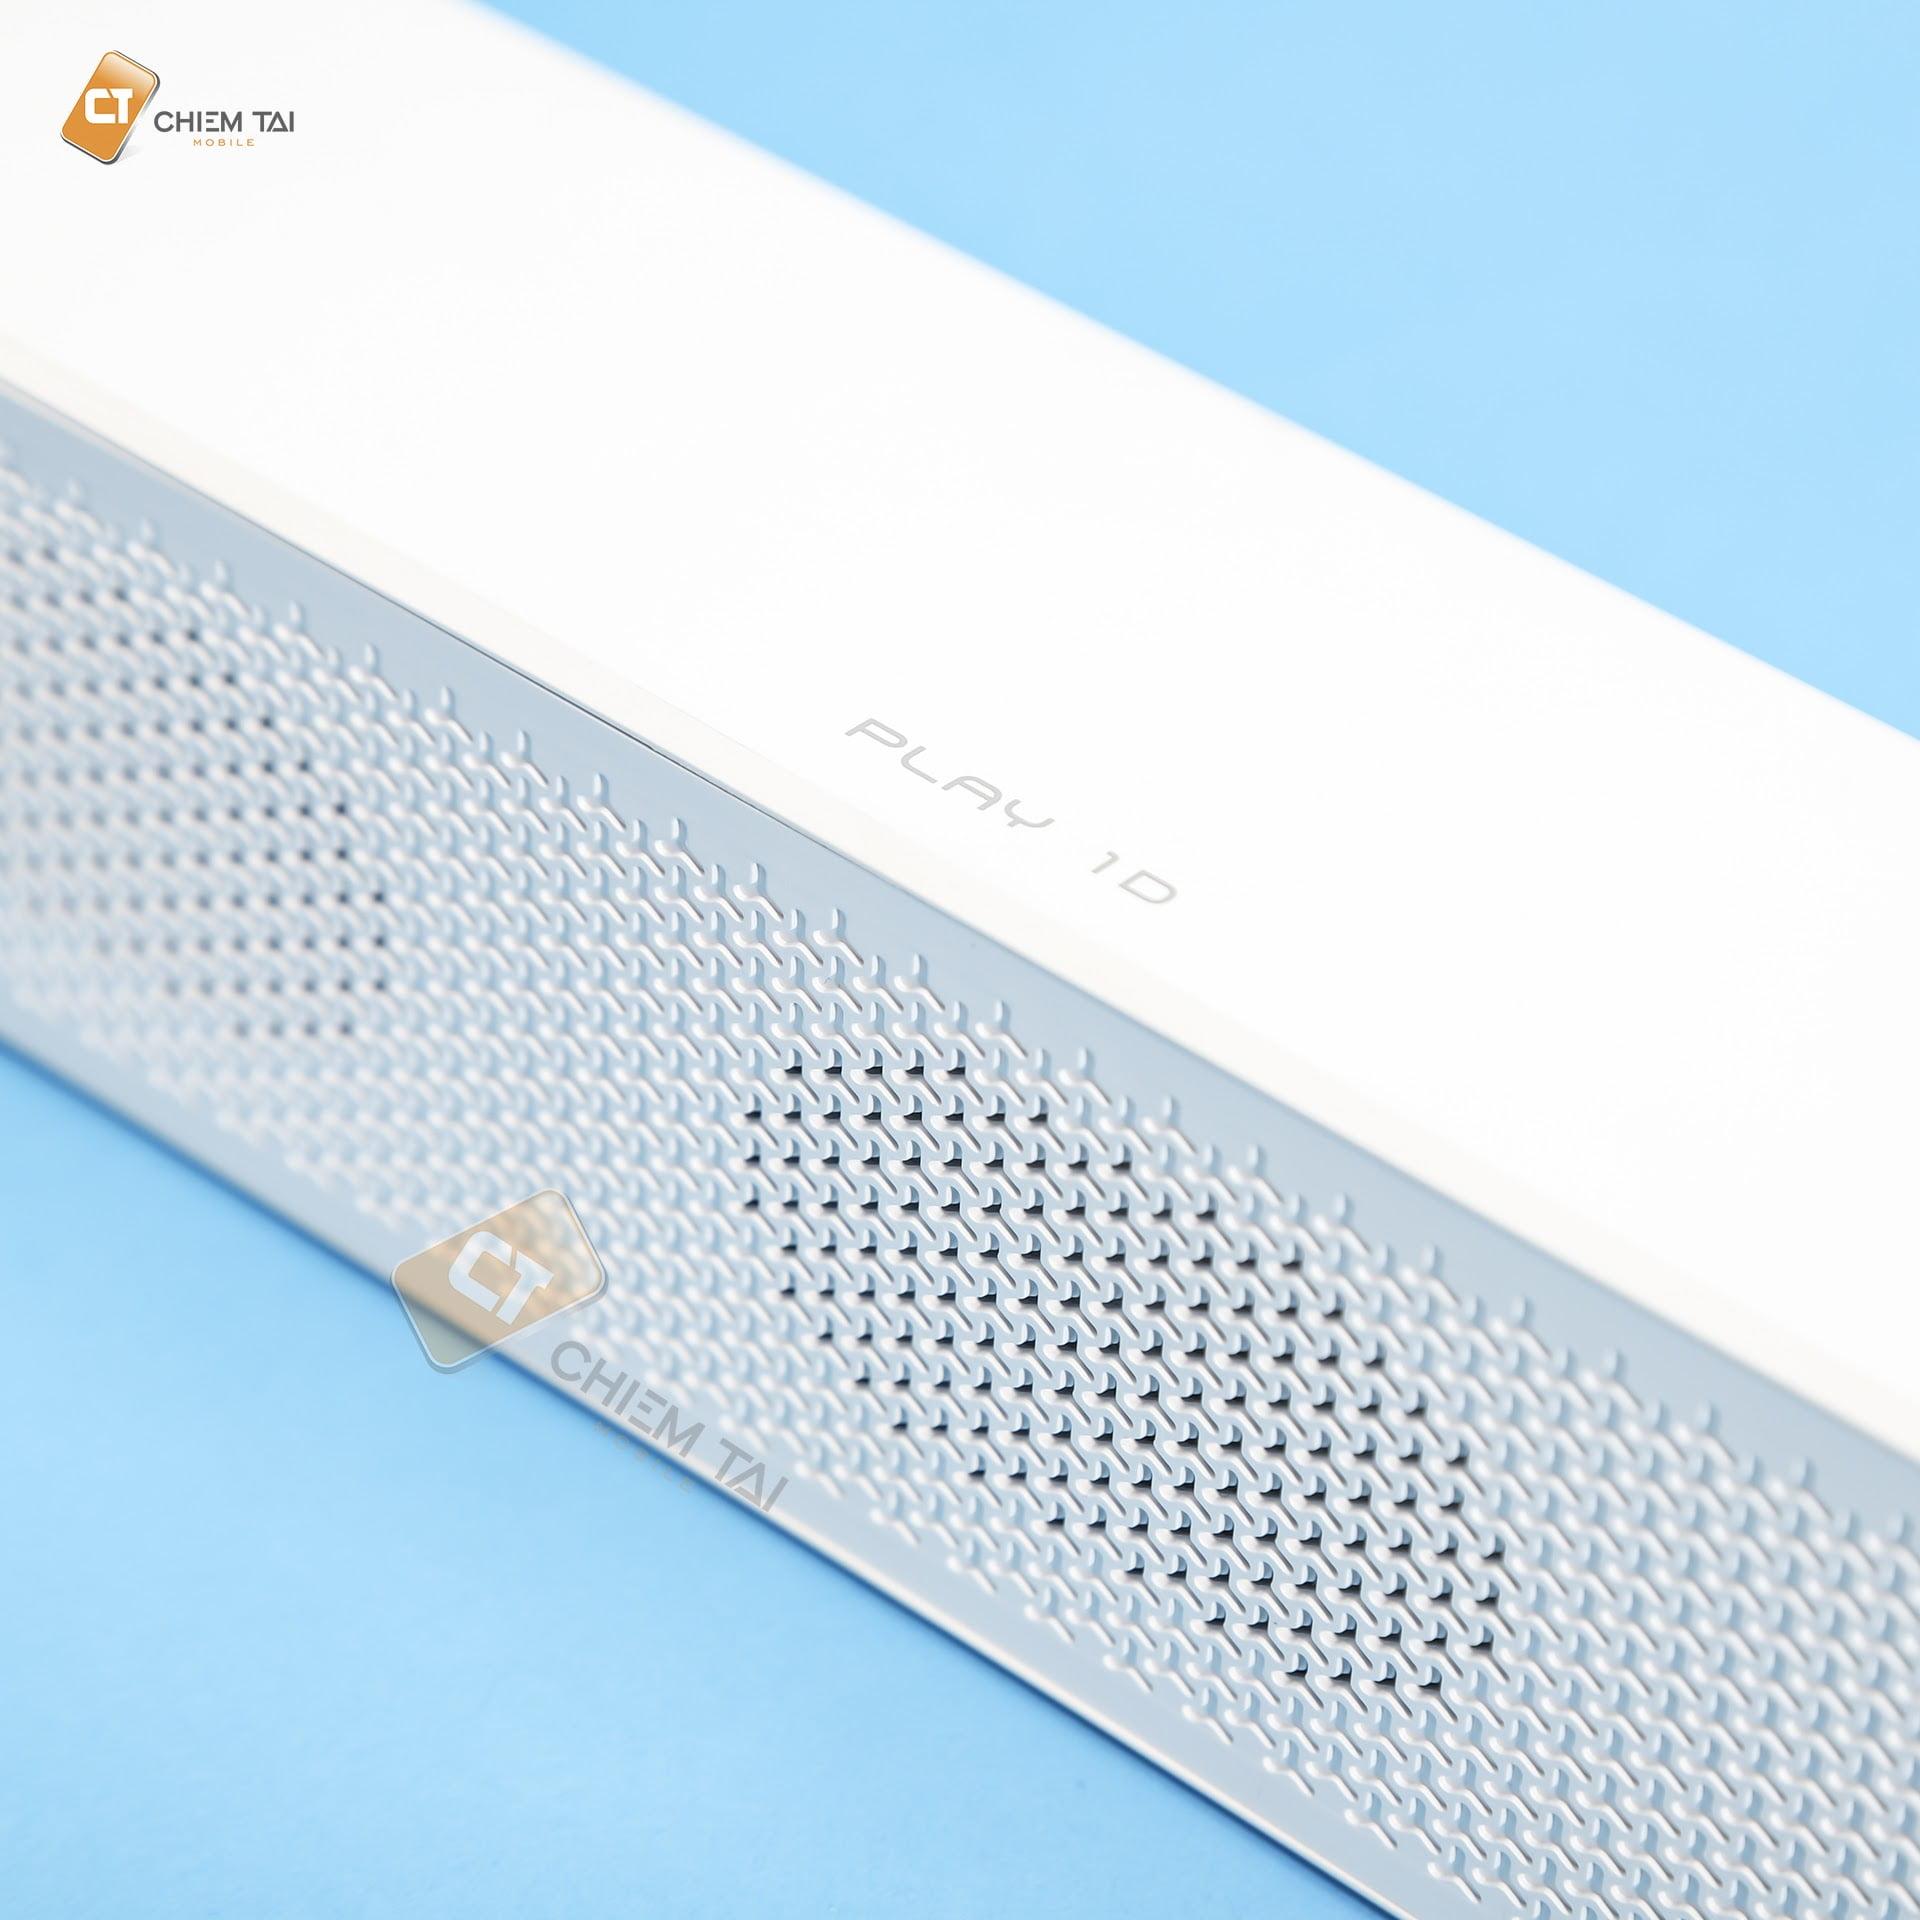 loa soundbar mini binnifa play 1d 605da248596d1